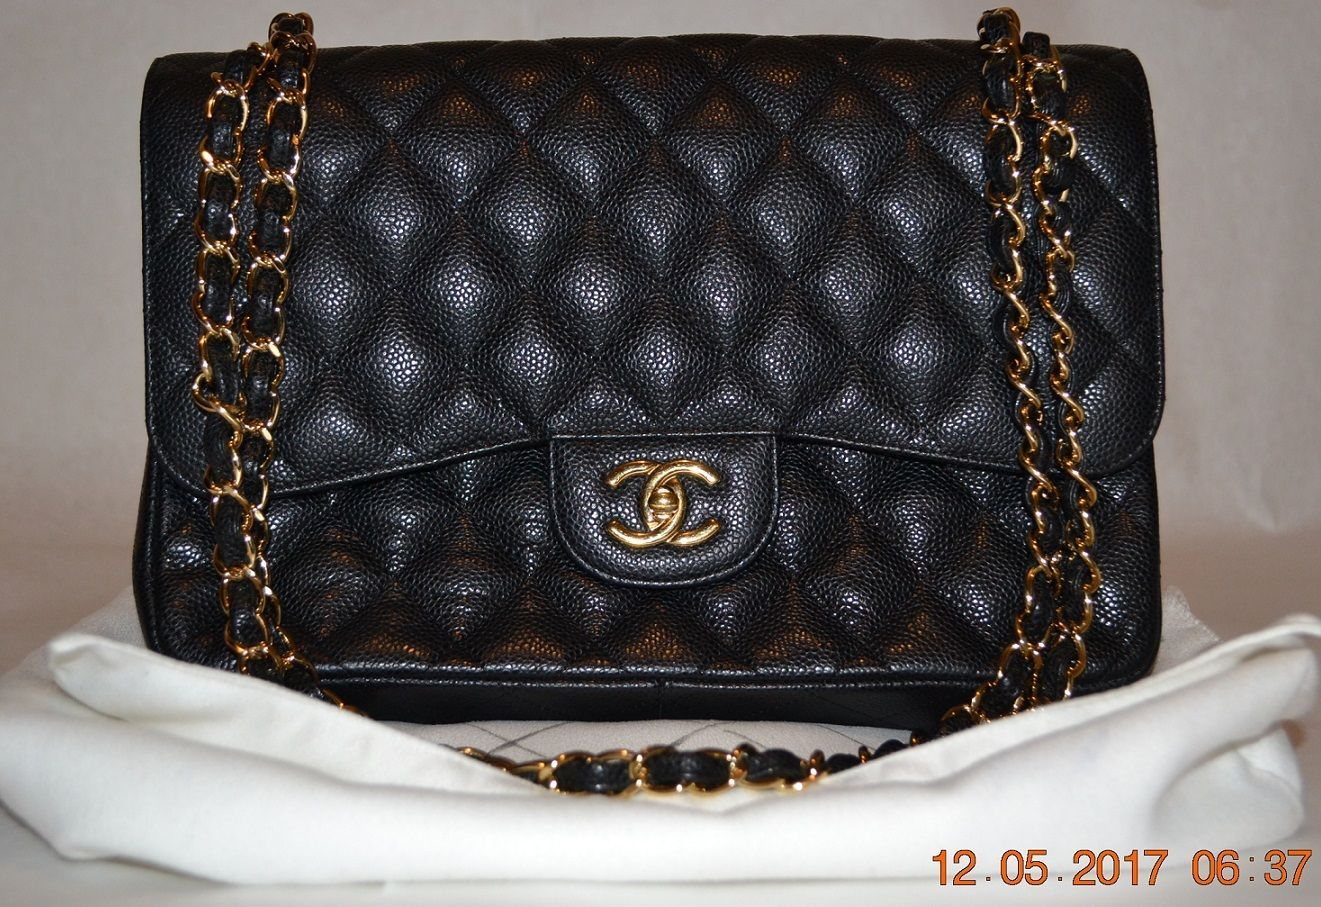 0da171ed591b COA Pictured Authentic Genuine CHANEL Caviar Gold Classic Double Flap   3500.0